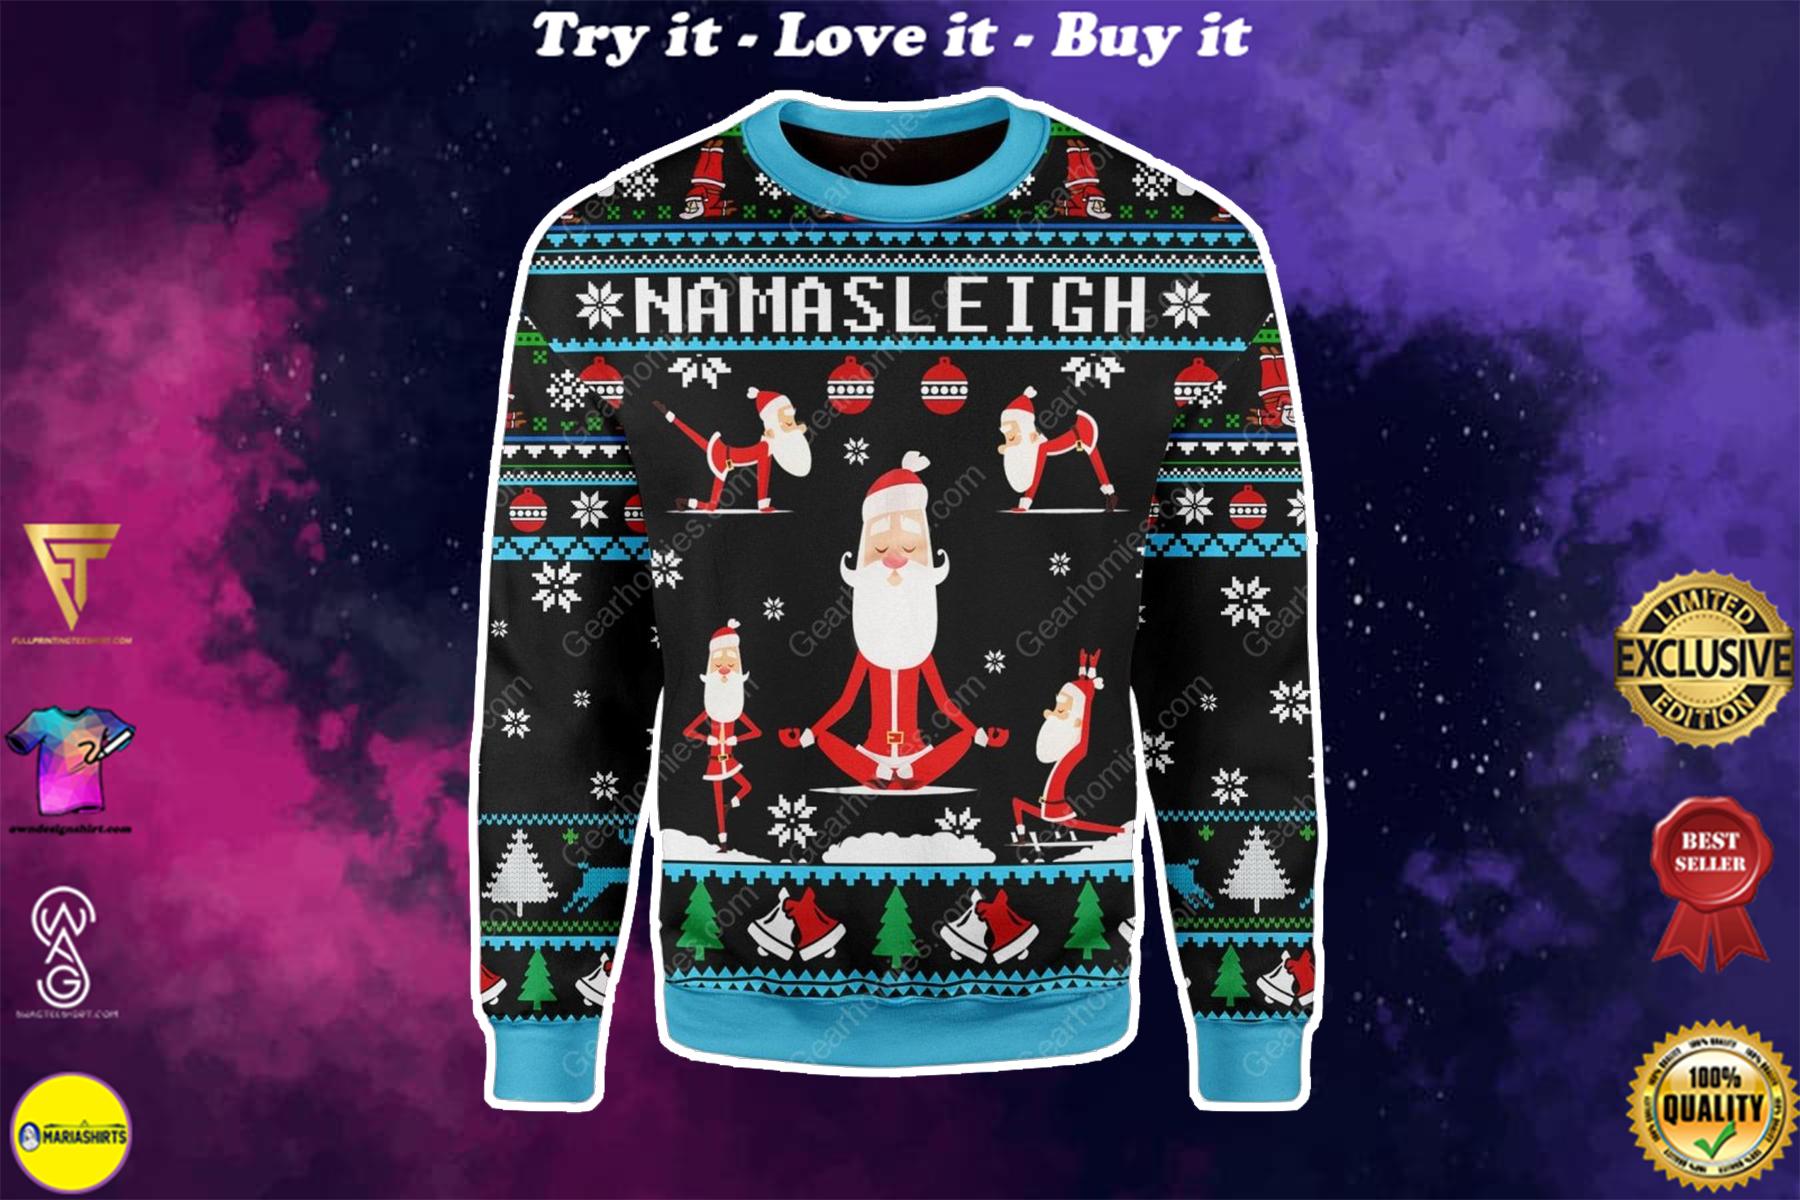 santa namasleigh all over printed ugly christmas sweater